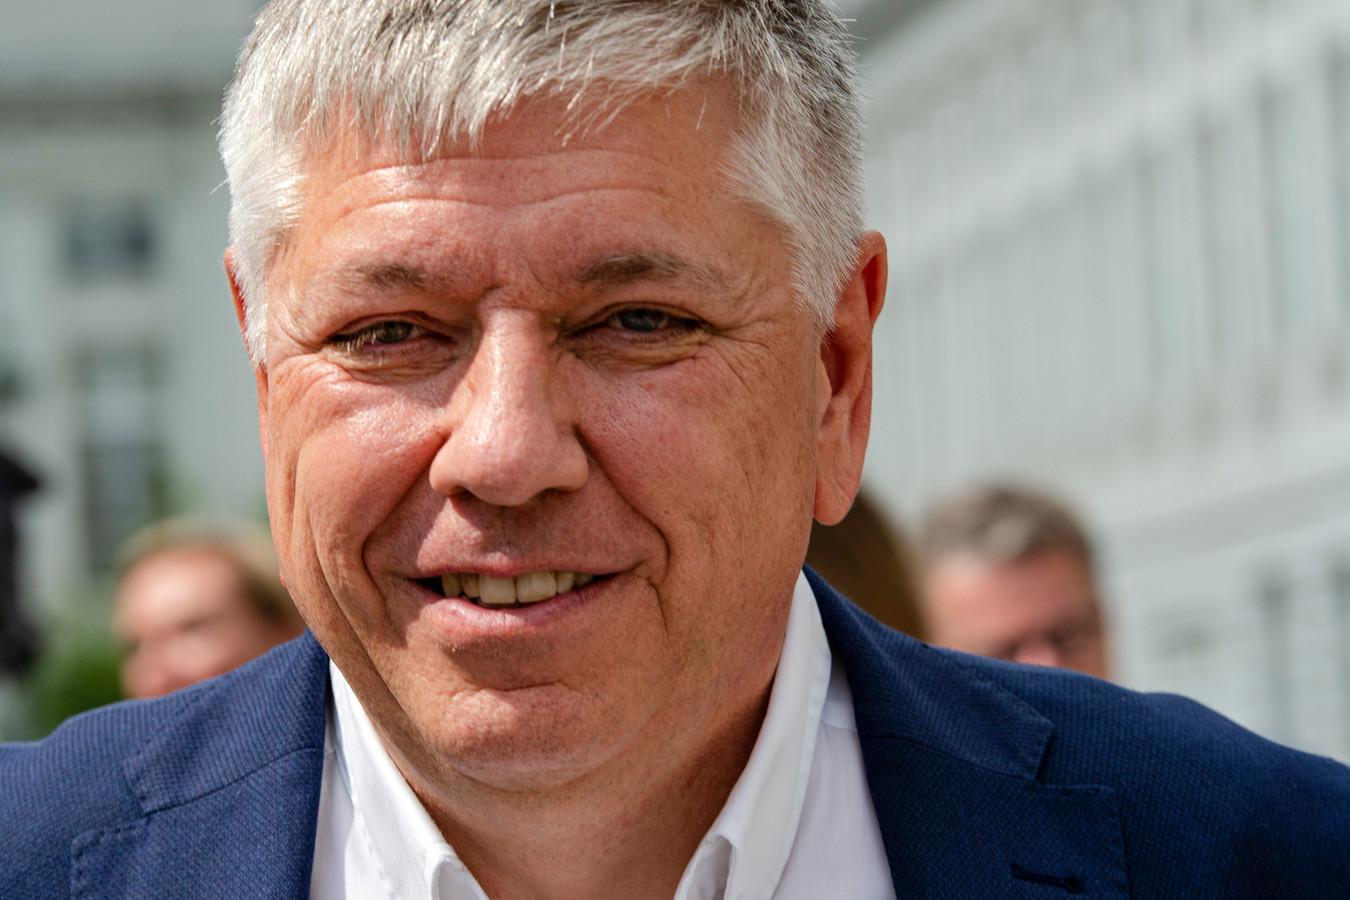 De Raad van Bestuur van UHasselt heeft zonet Jo Vandeurzen aangesteld als nieuwe voorzitter van de Universiteit Hasselt.